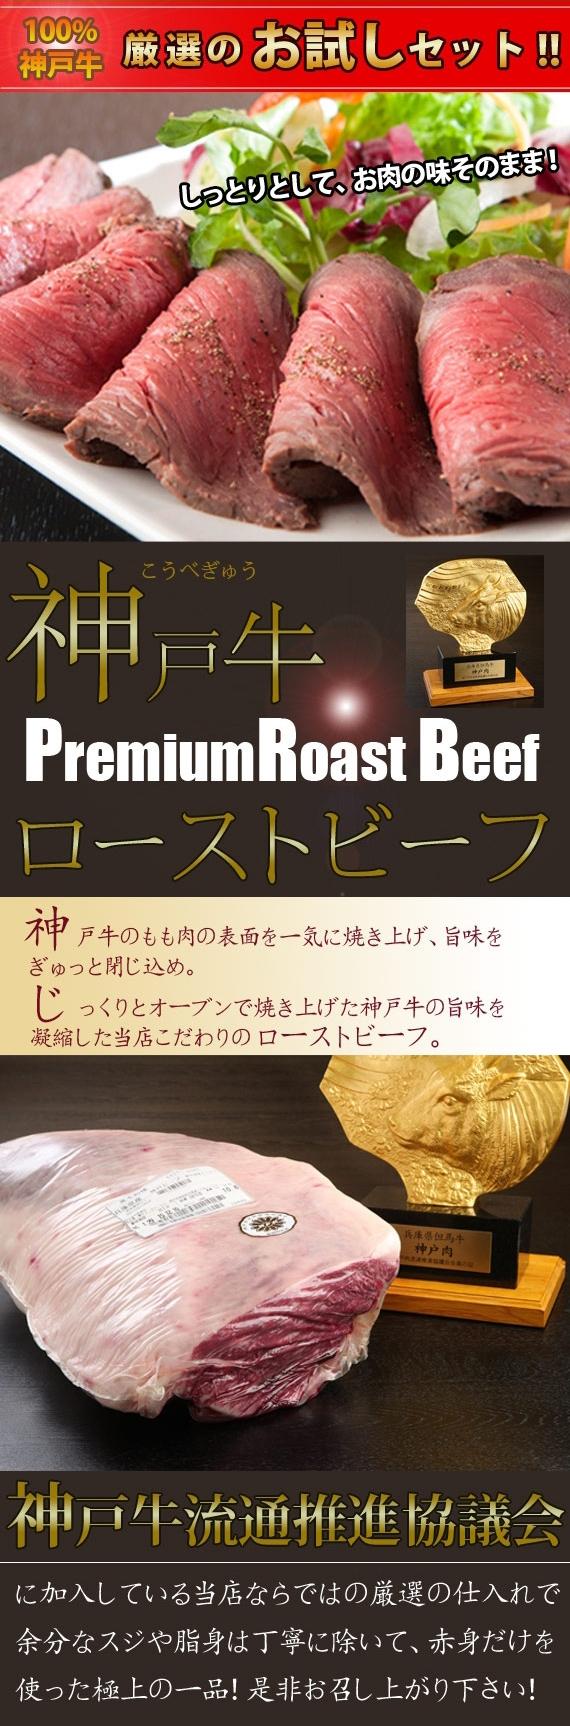 【新発売】神戸牛プレミアムローストビーフ100g